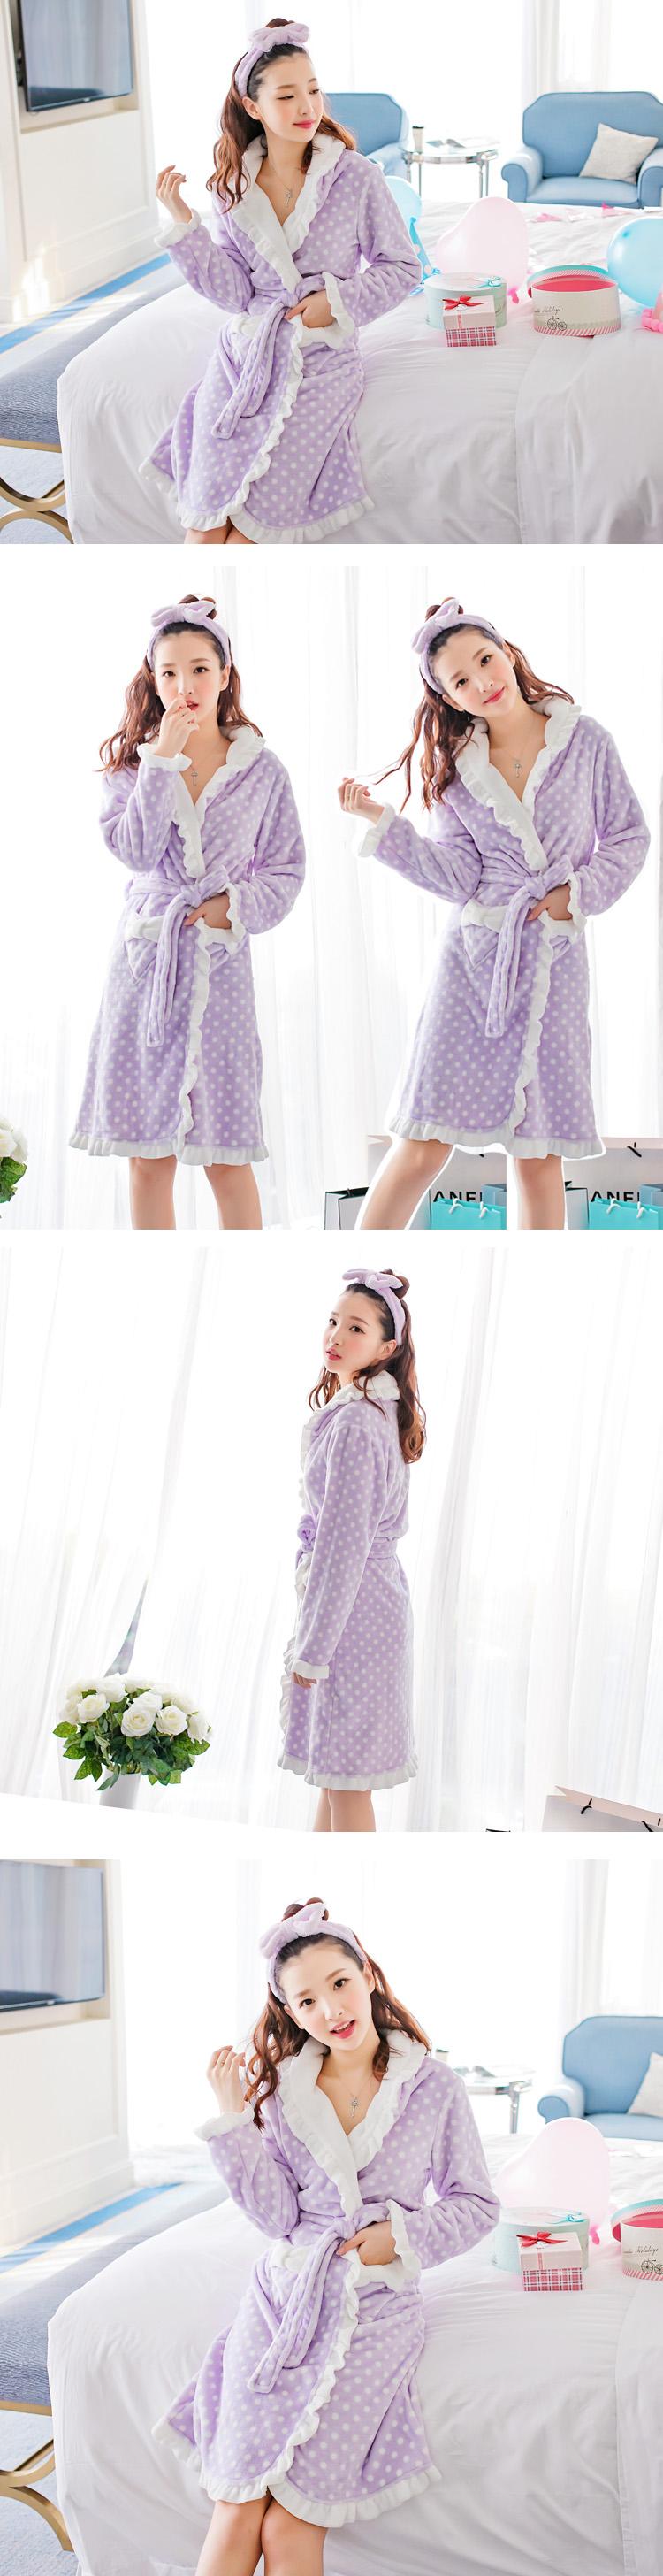 Wydz   verkko mukaan Dan lapsen naisten malleja syksyllä ja talvella  flanelli pyjama Coral sametti viitta pitsi kylpytakki kotip…  2099398592